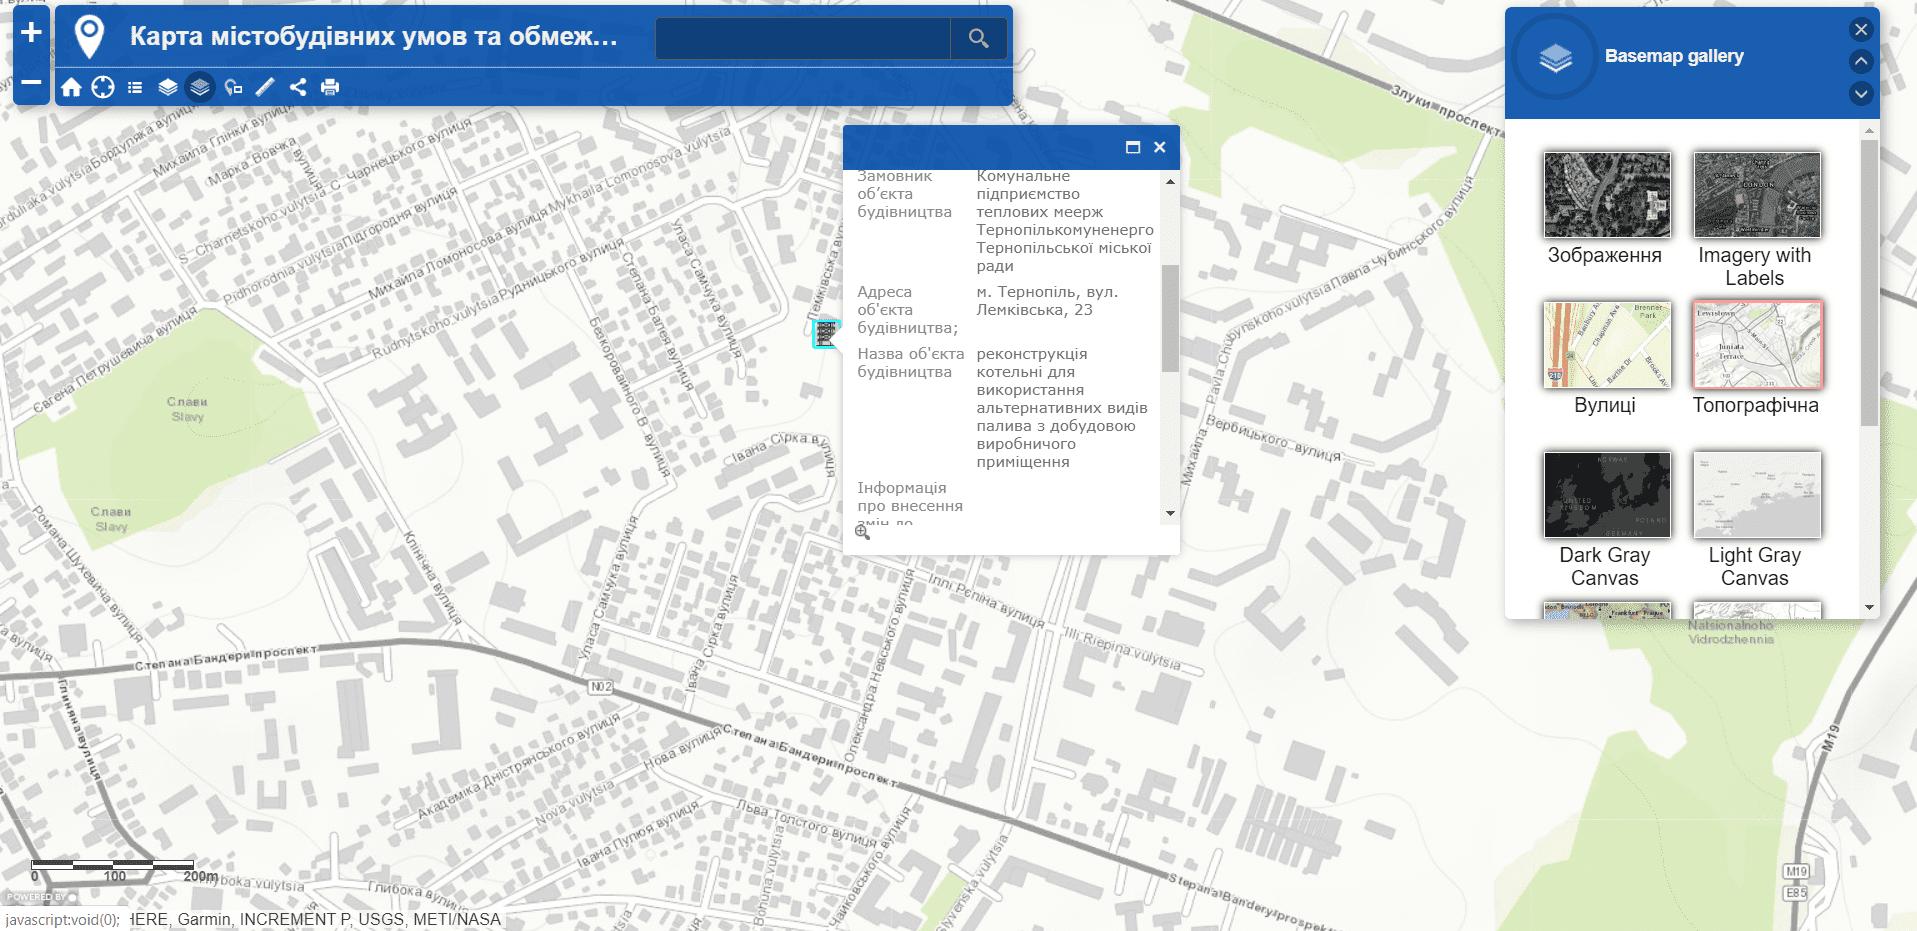 Інтерактивна карта містобудівних умов та обмежень